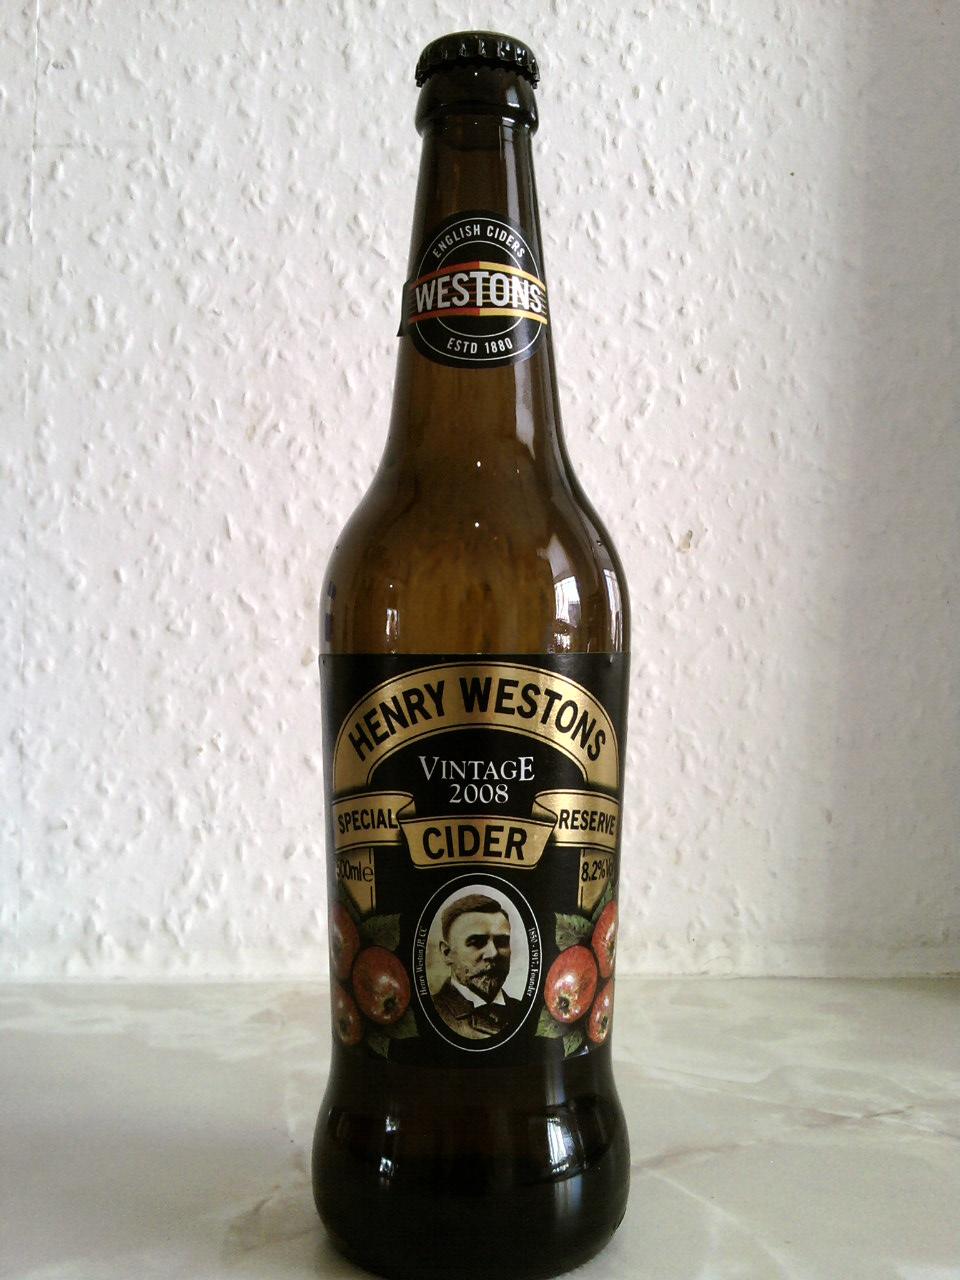 Henry Westons Vintage Special Reserve Cider bottle